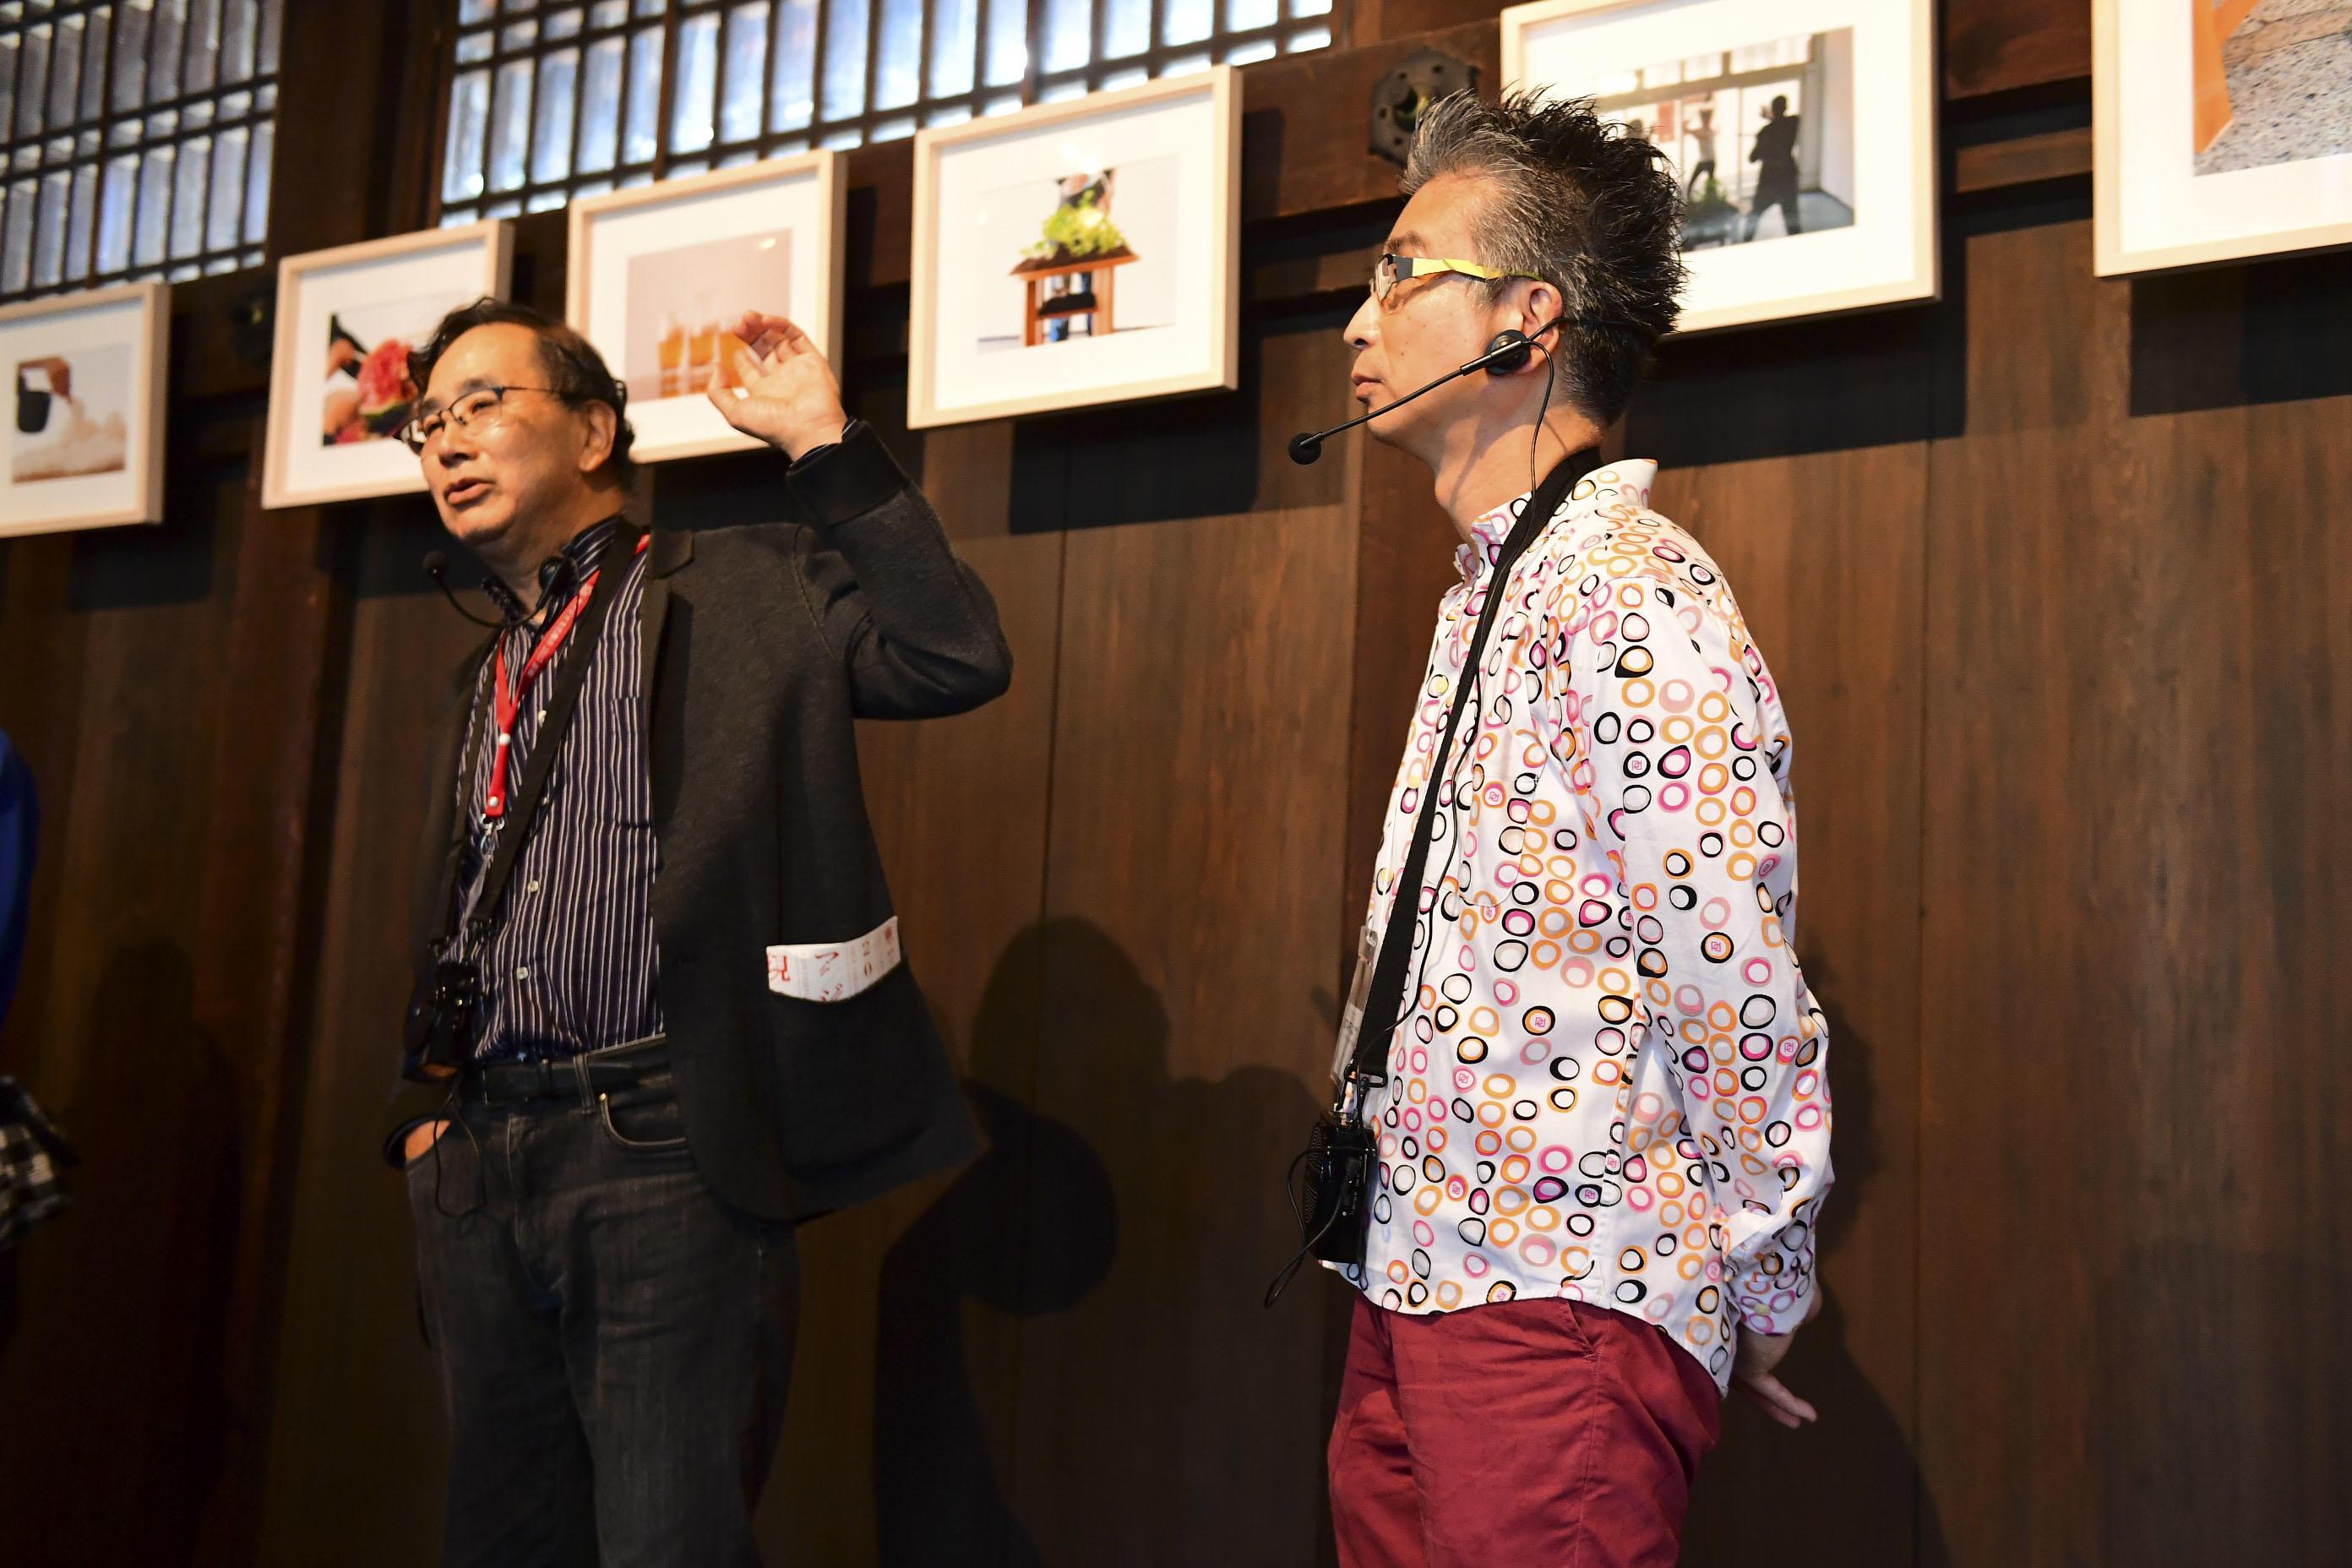 http://news.yoshimoto.co.jp/20171008181950-35cc2710a39ebdcabf5875a5b49878914e4ce98a.jpg